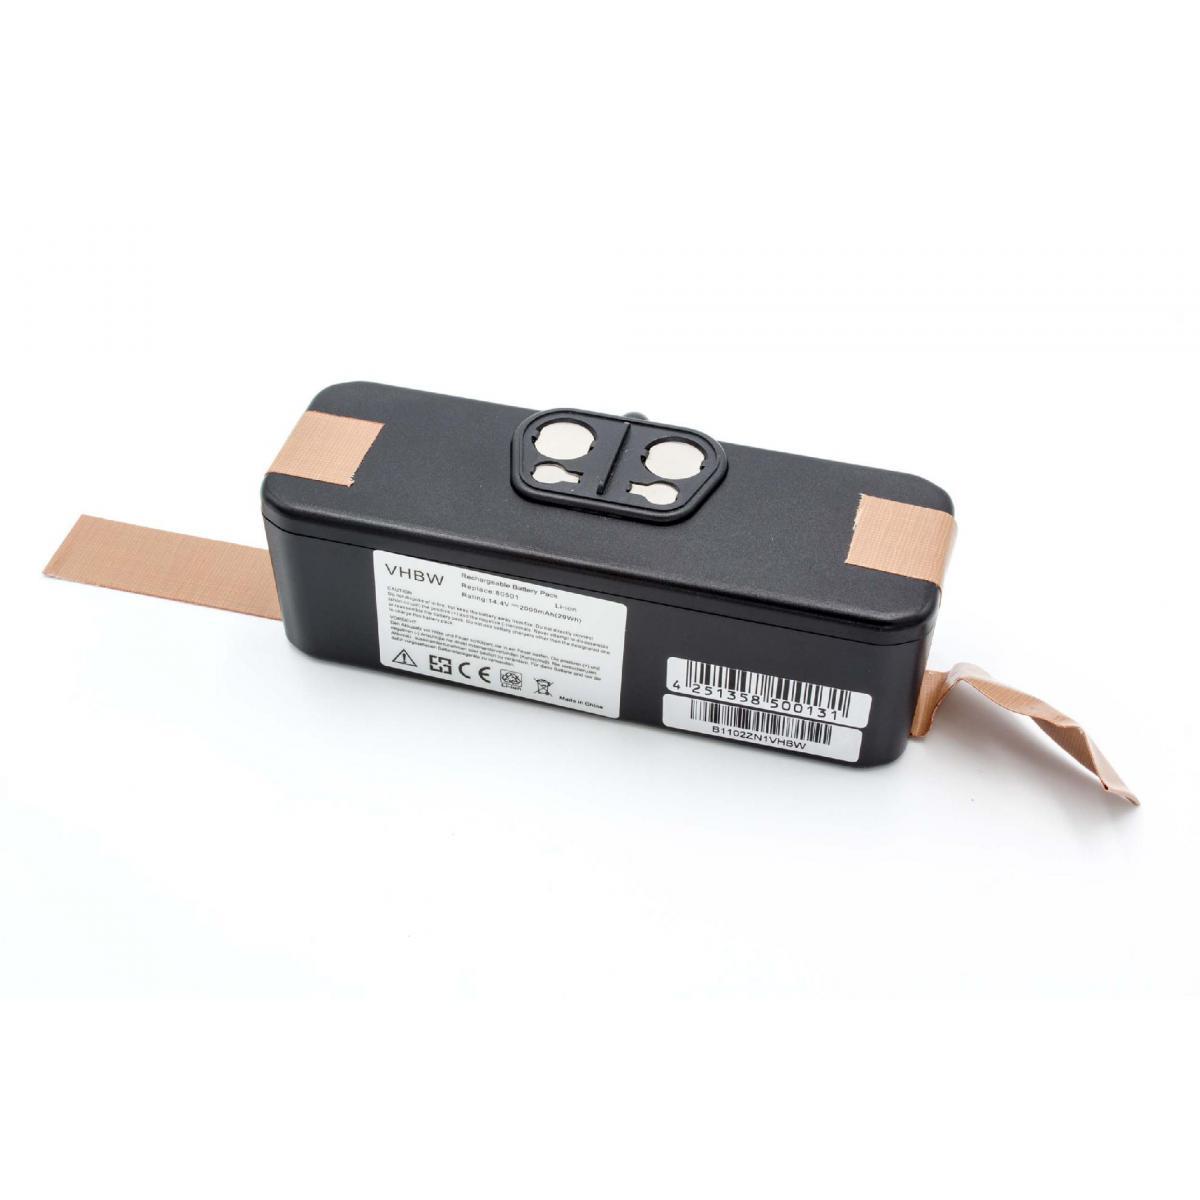 Vhbw vhbw Li-Ion batterie 2000mAh (14.4V) compatible avec iRobot Roomba 581,582,583,590,605,610,615,616,620,621,625,630 remp